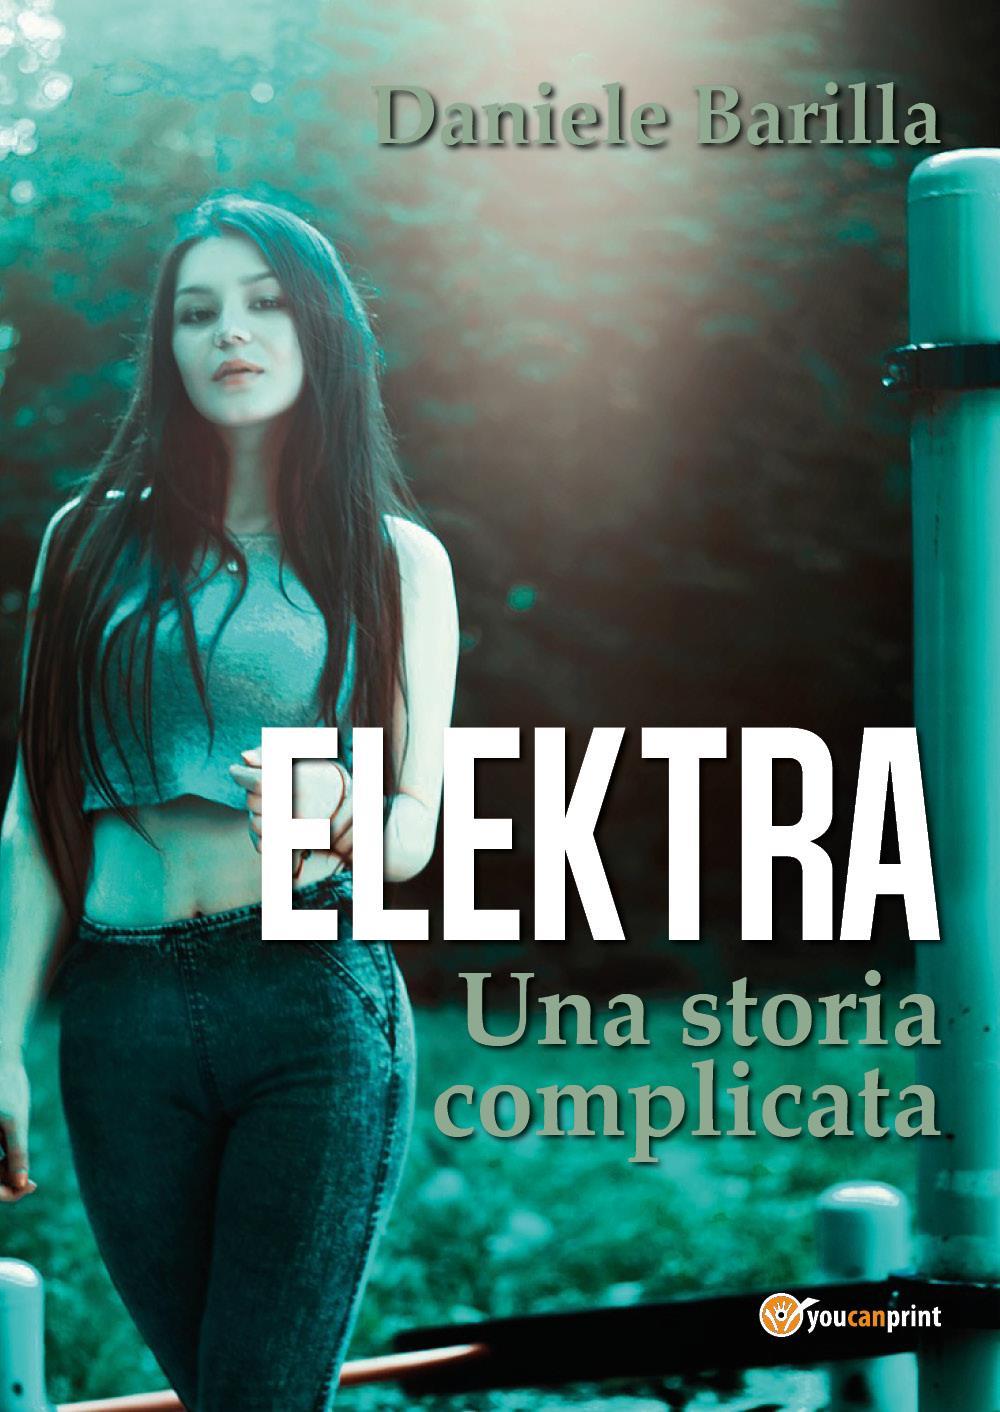 Elektra (una storia complicata)